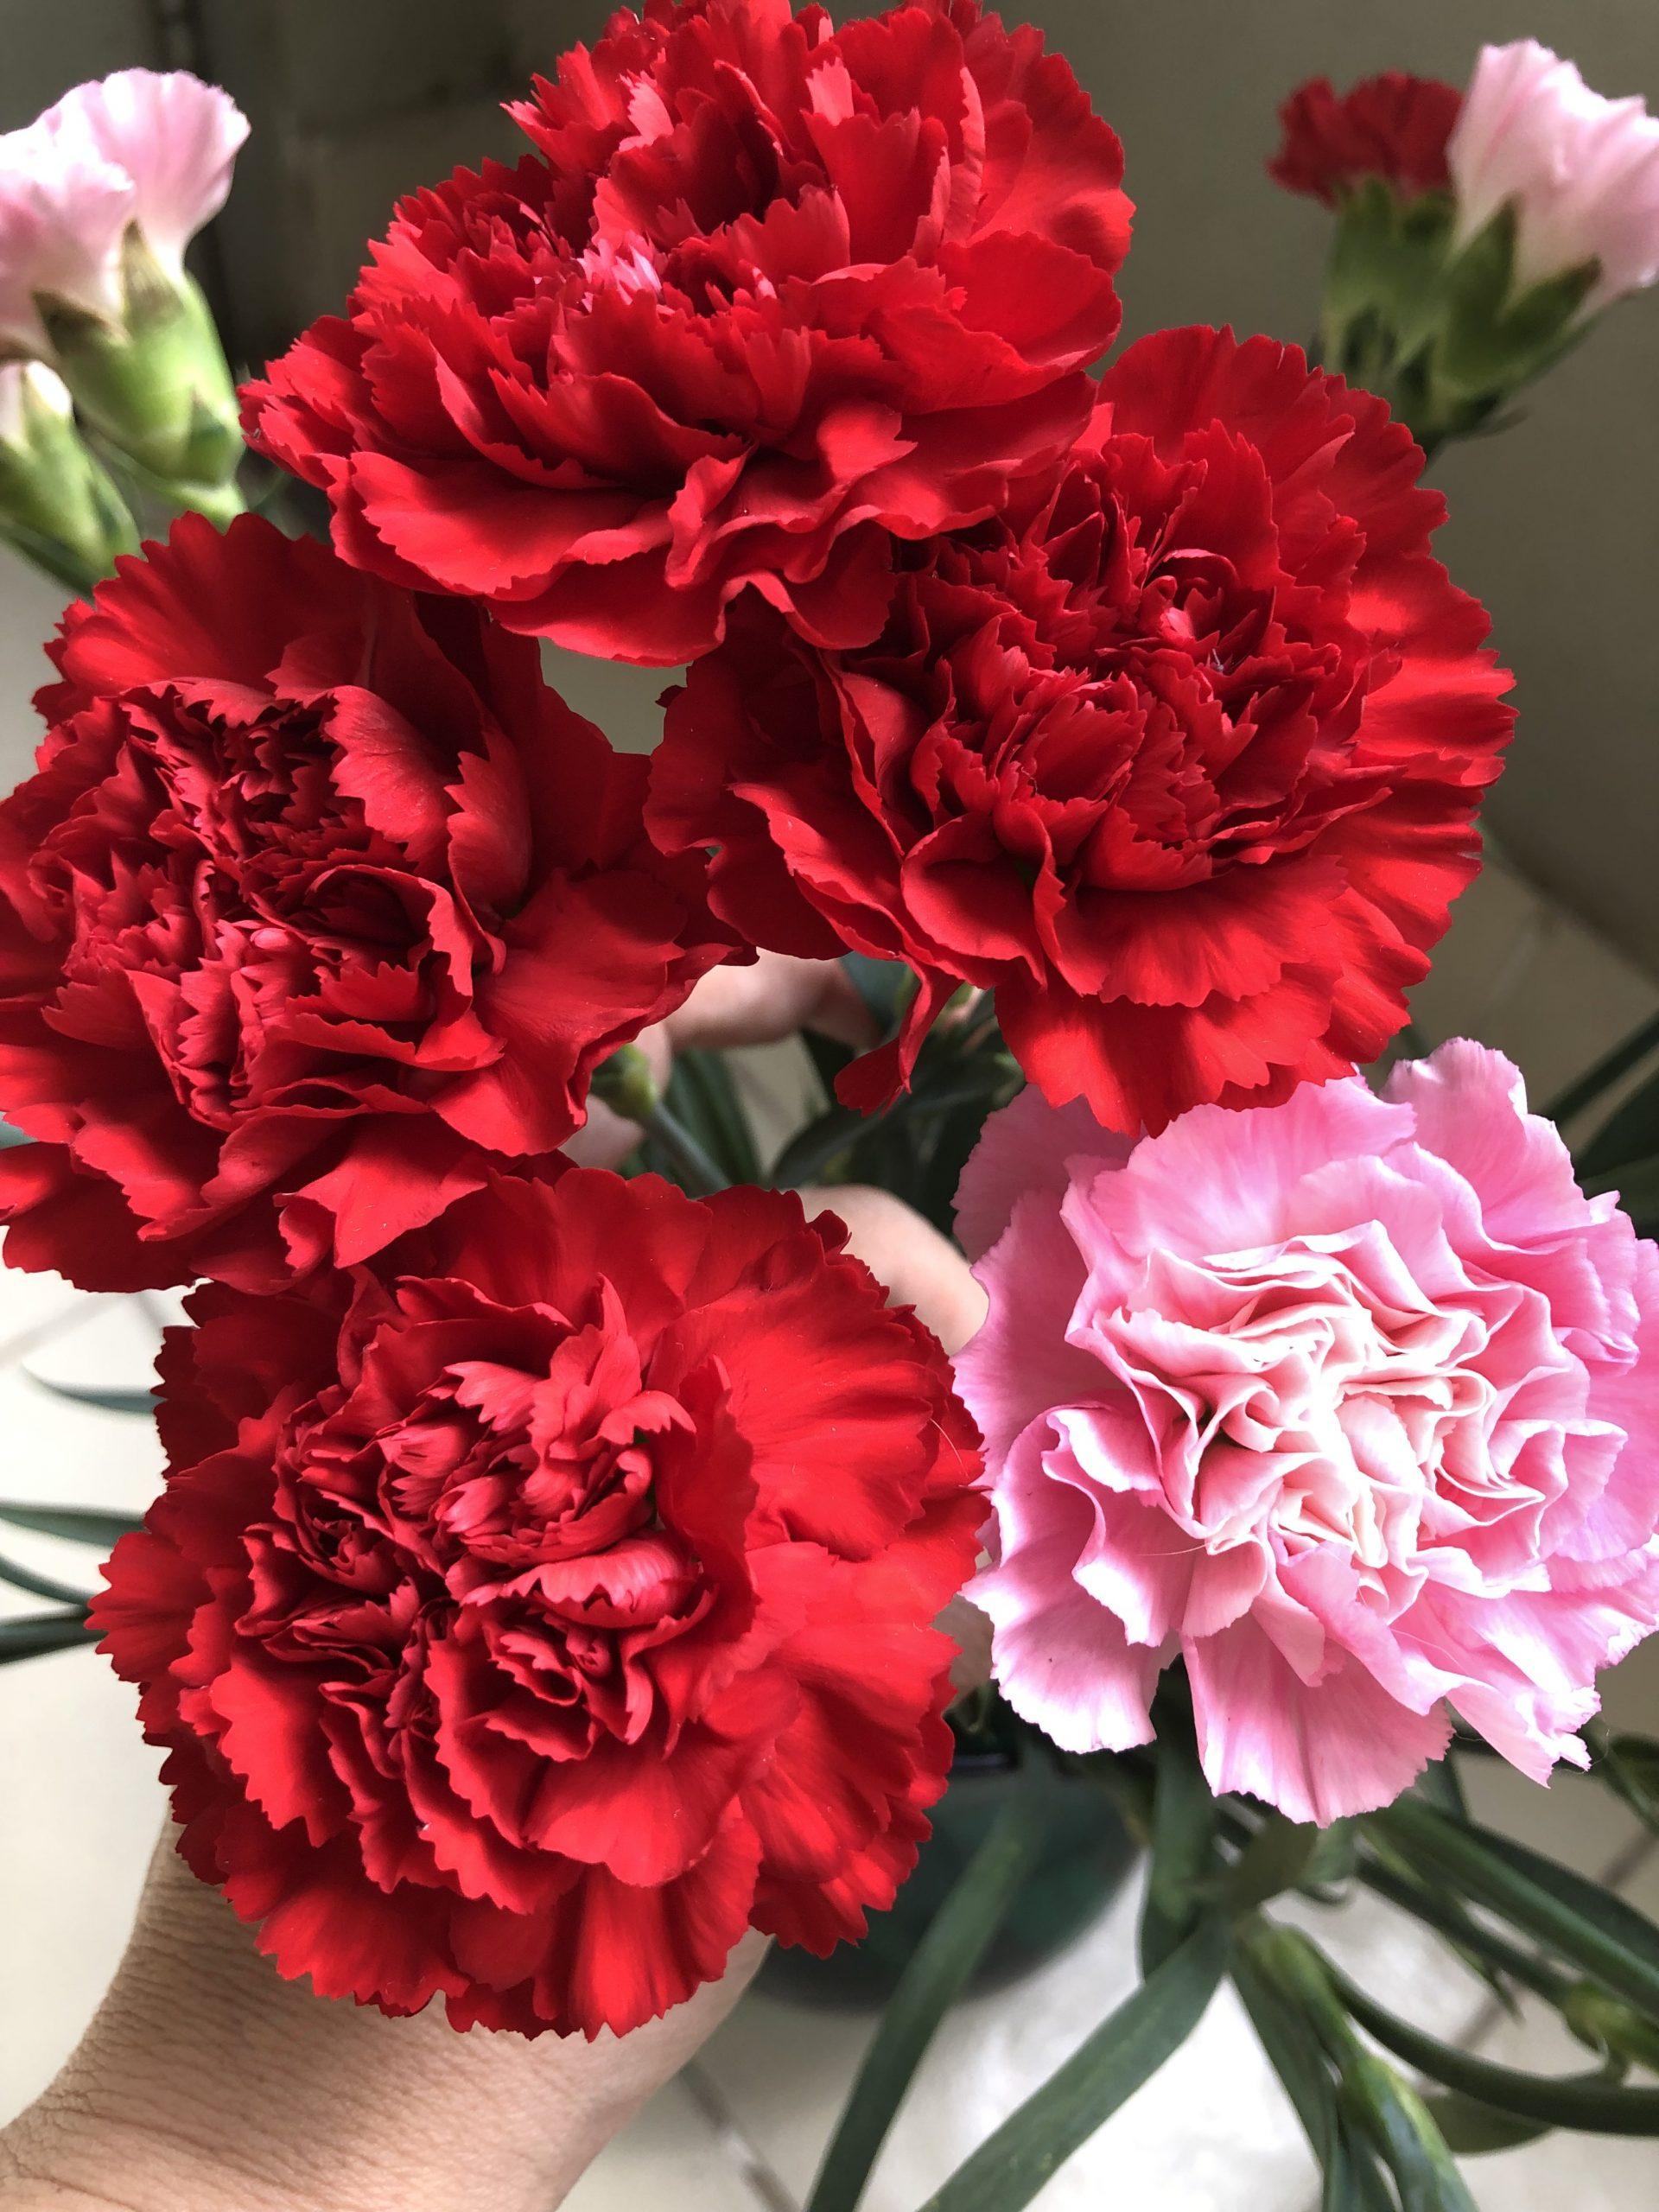 hoa cẩm chướng; ý nghĩa hoa cẩm chướng, hiểu về các loài hoa